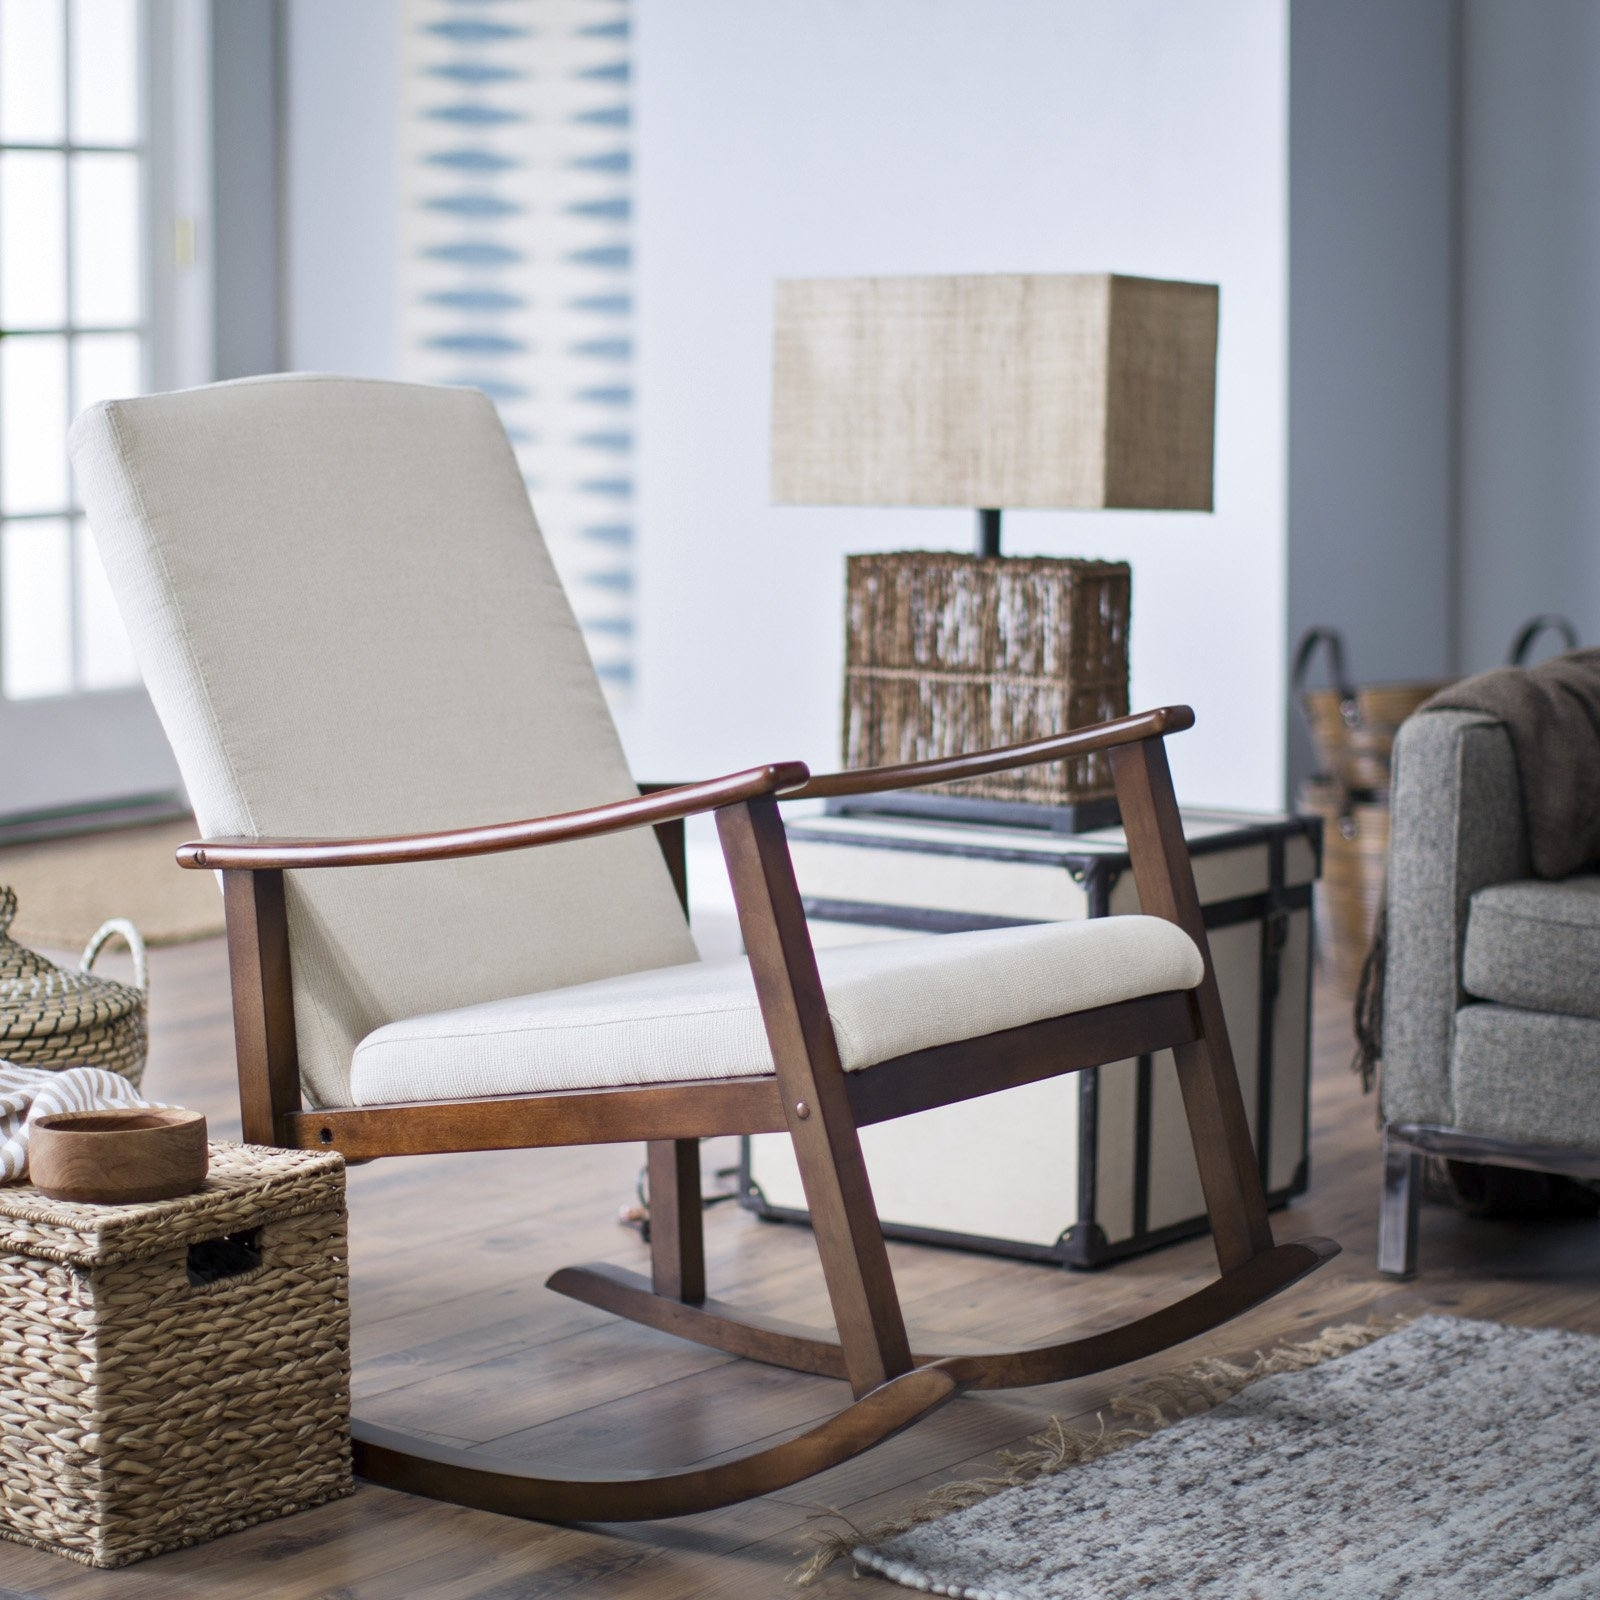 Belham Living Holden Modern Indoor Rocking Chair – Upholstered Intended For Upholstered Rocking Chairs (#5 of 15)